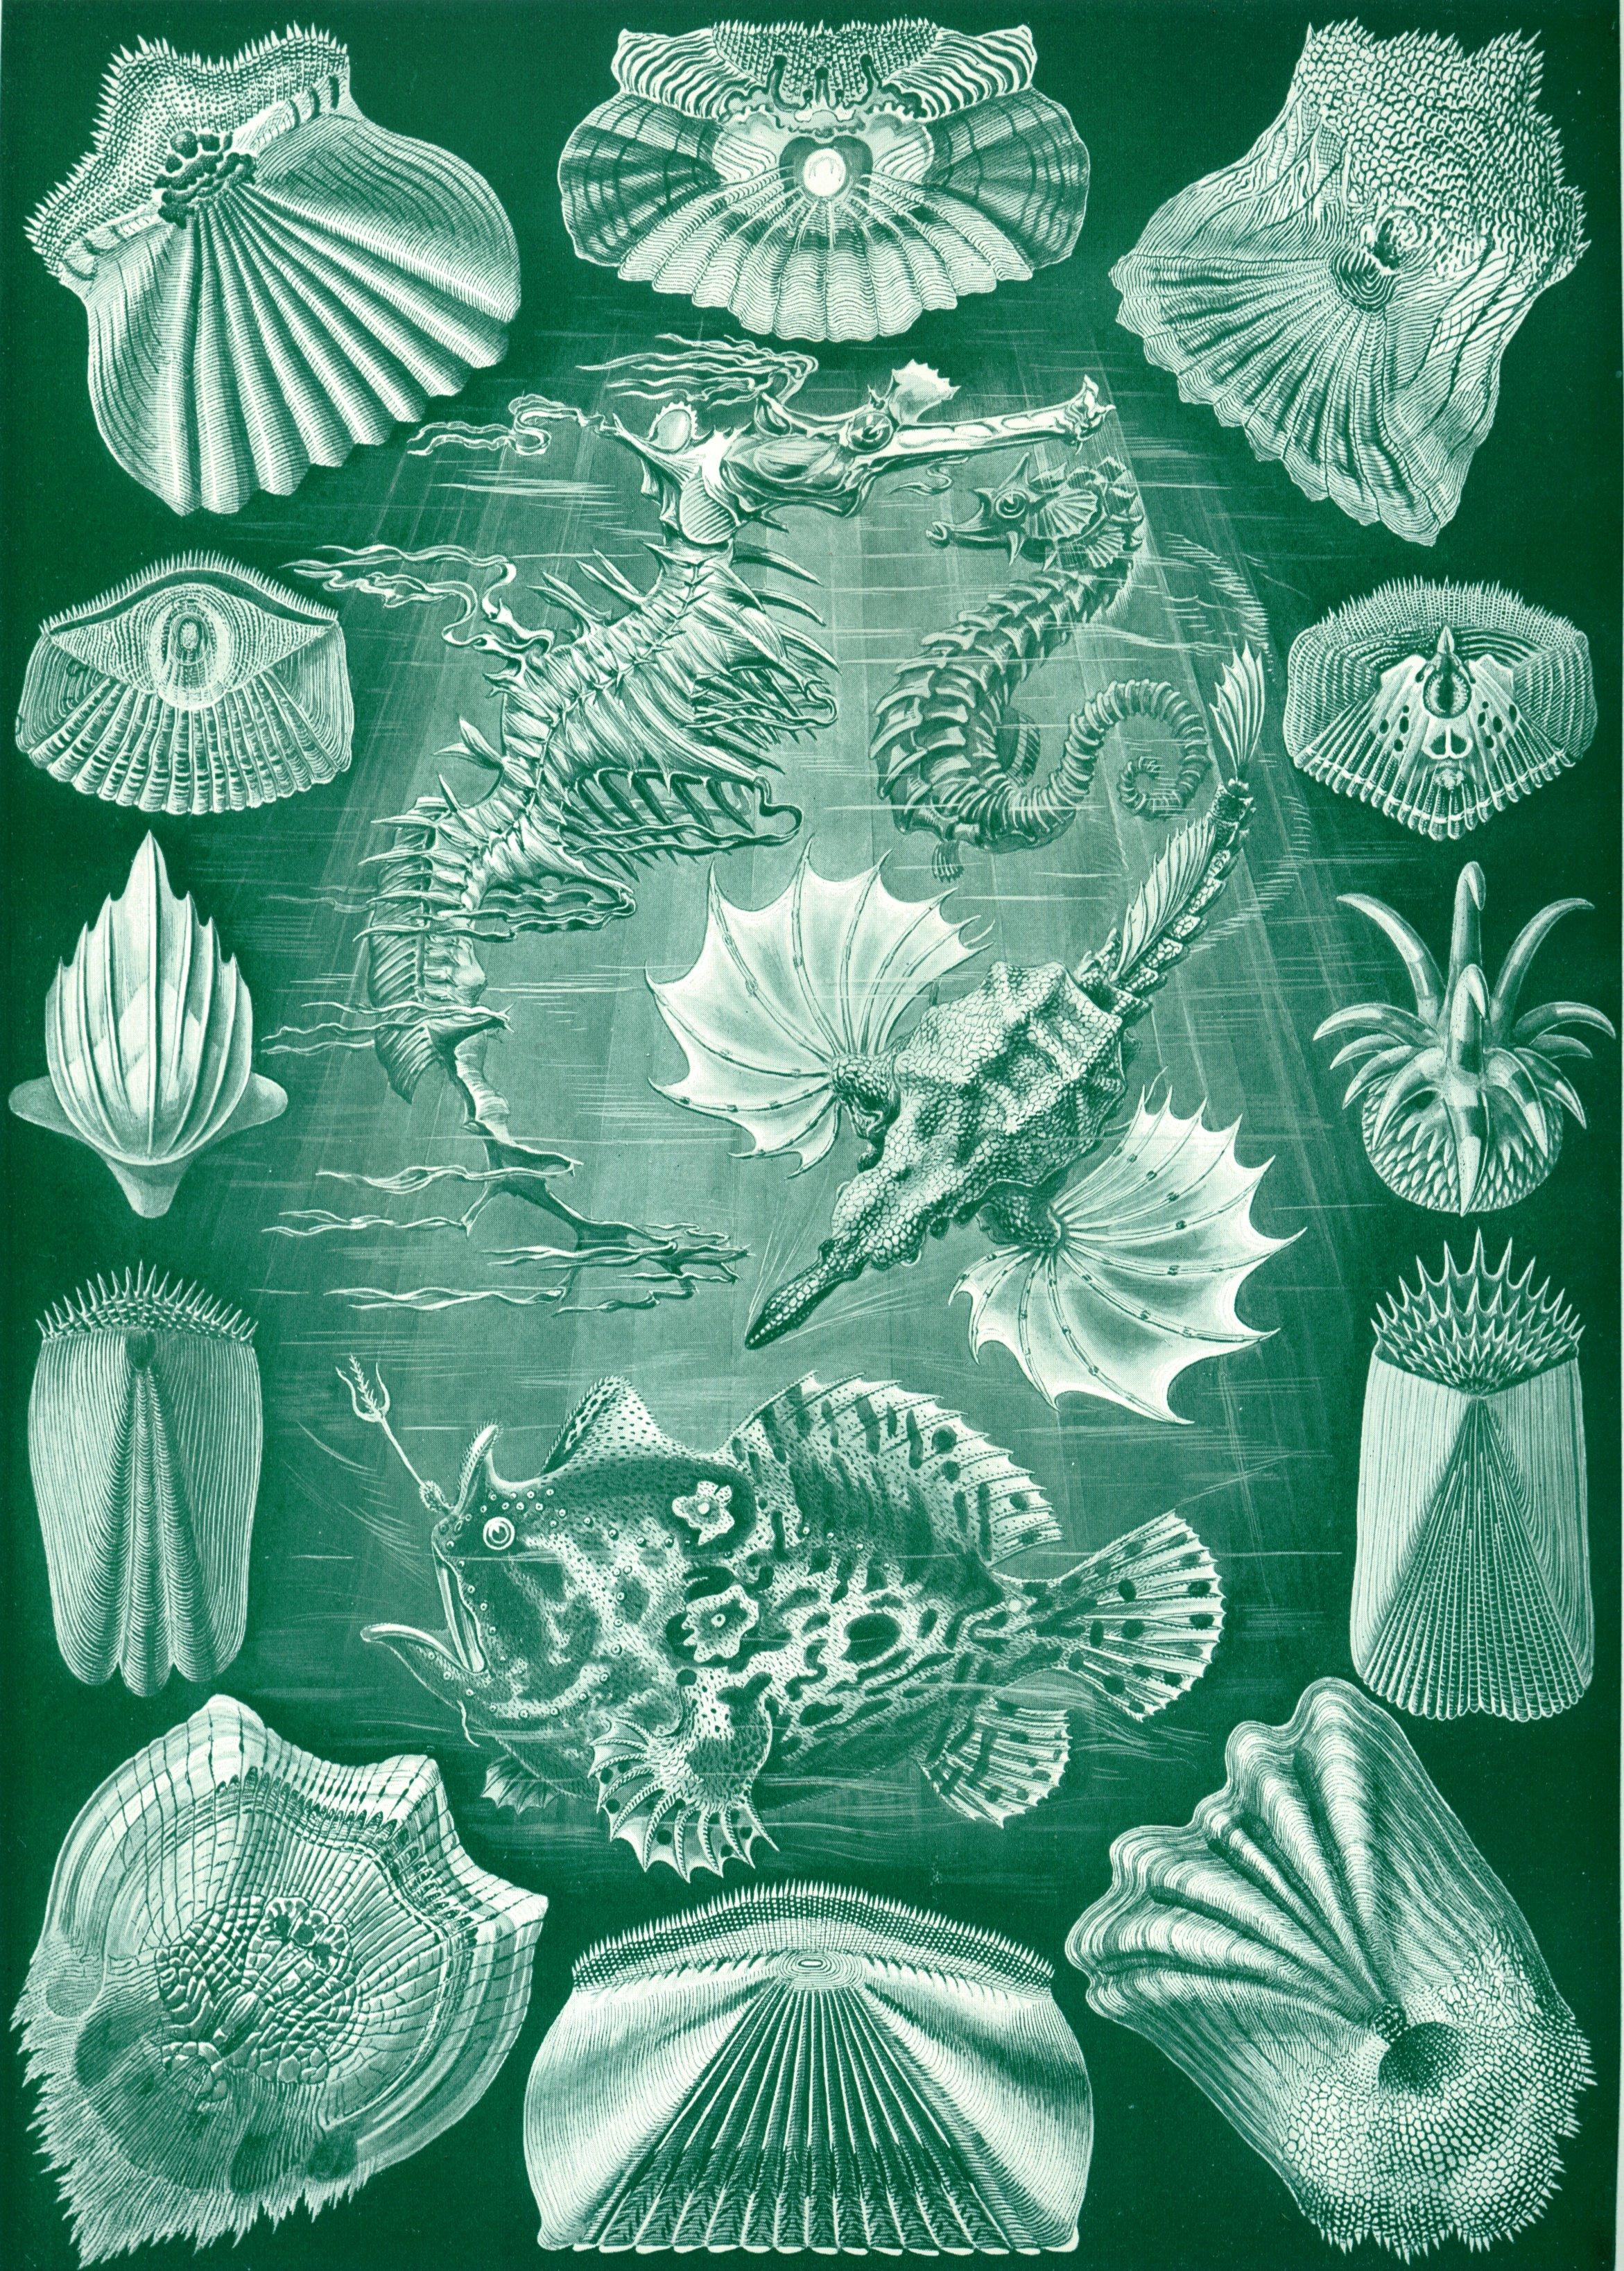 Haeckel-Teleostei